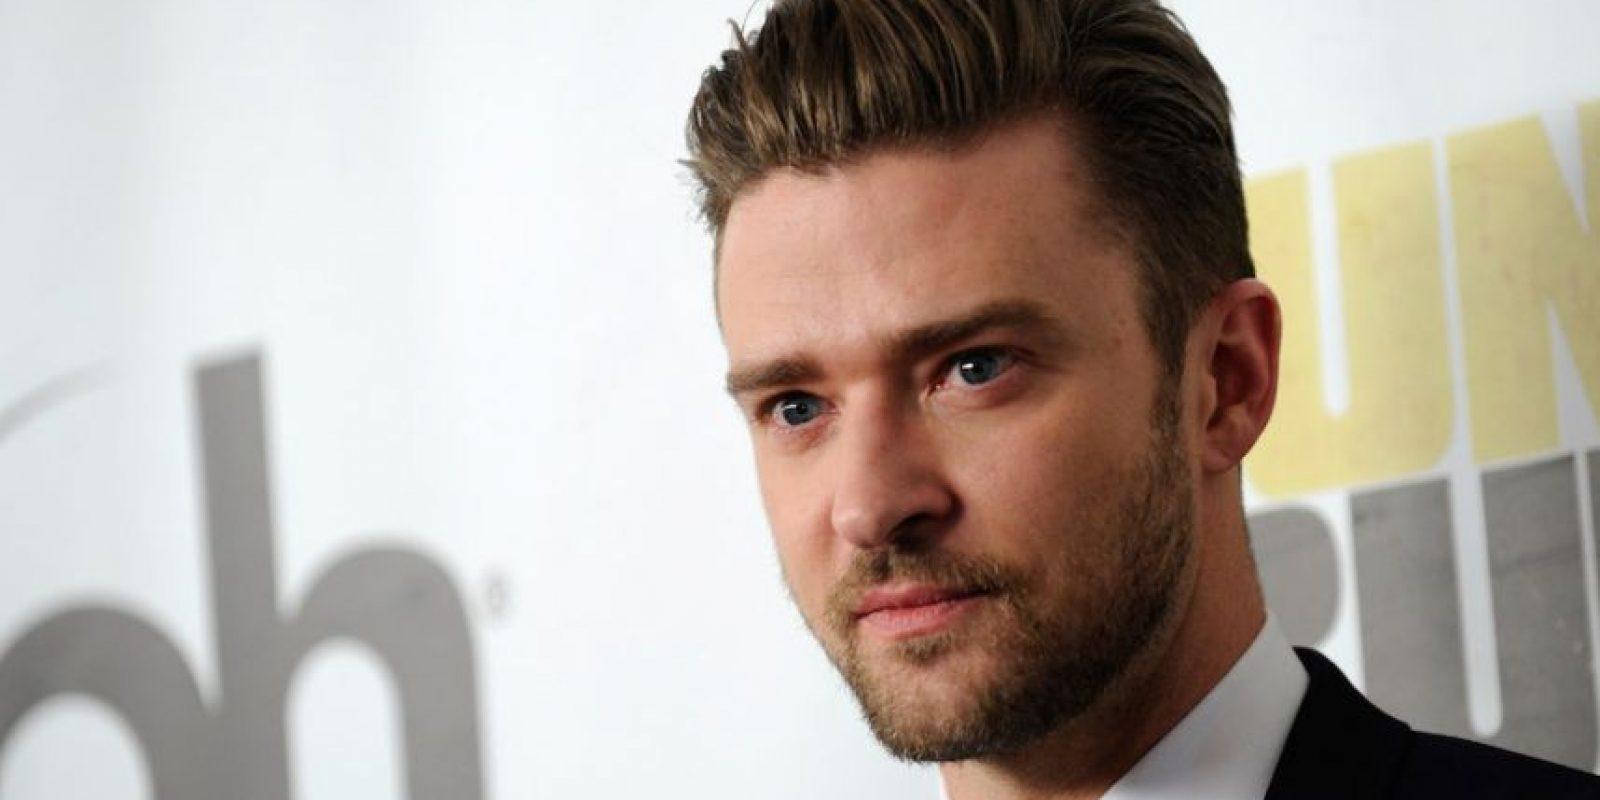 """El cantante estadounidense, de 34 años de edad, ha sido nombrado a lo largo de su carrera como """"El nuevo rey del pop"""" o """"El nuevo príncipe del pop"""". Foto:Getty Images"""